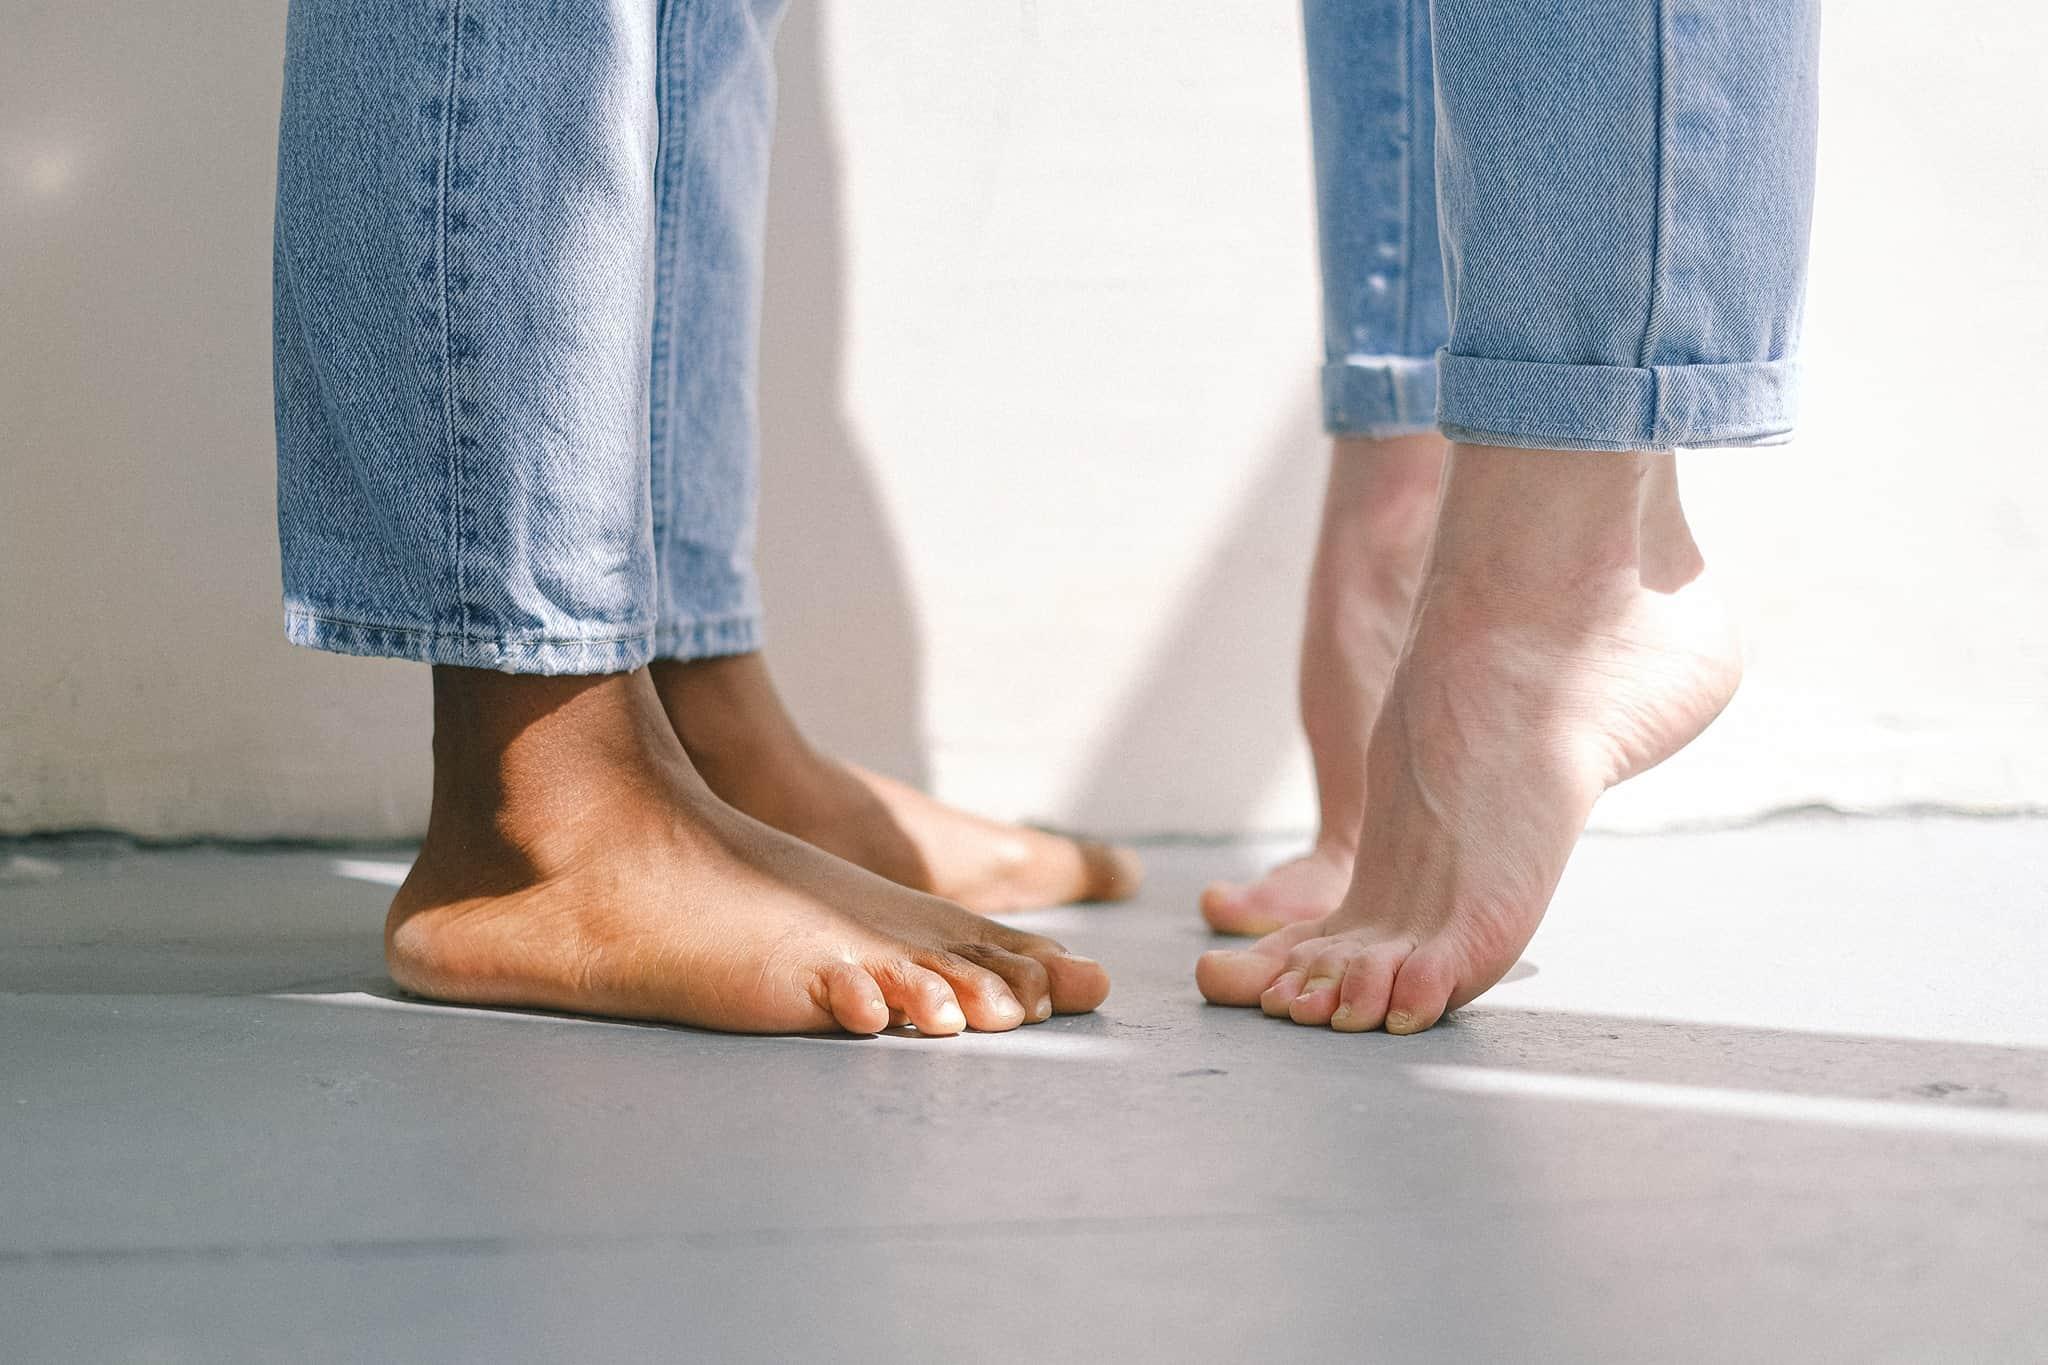 Podologo e dolore al piede: scopriamo di più